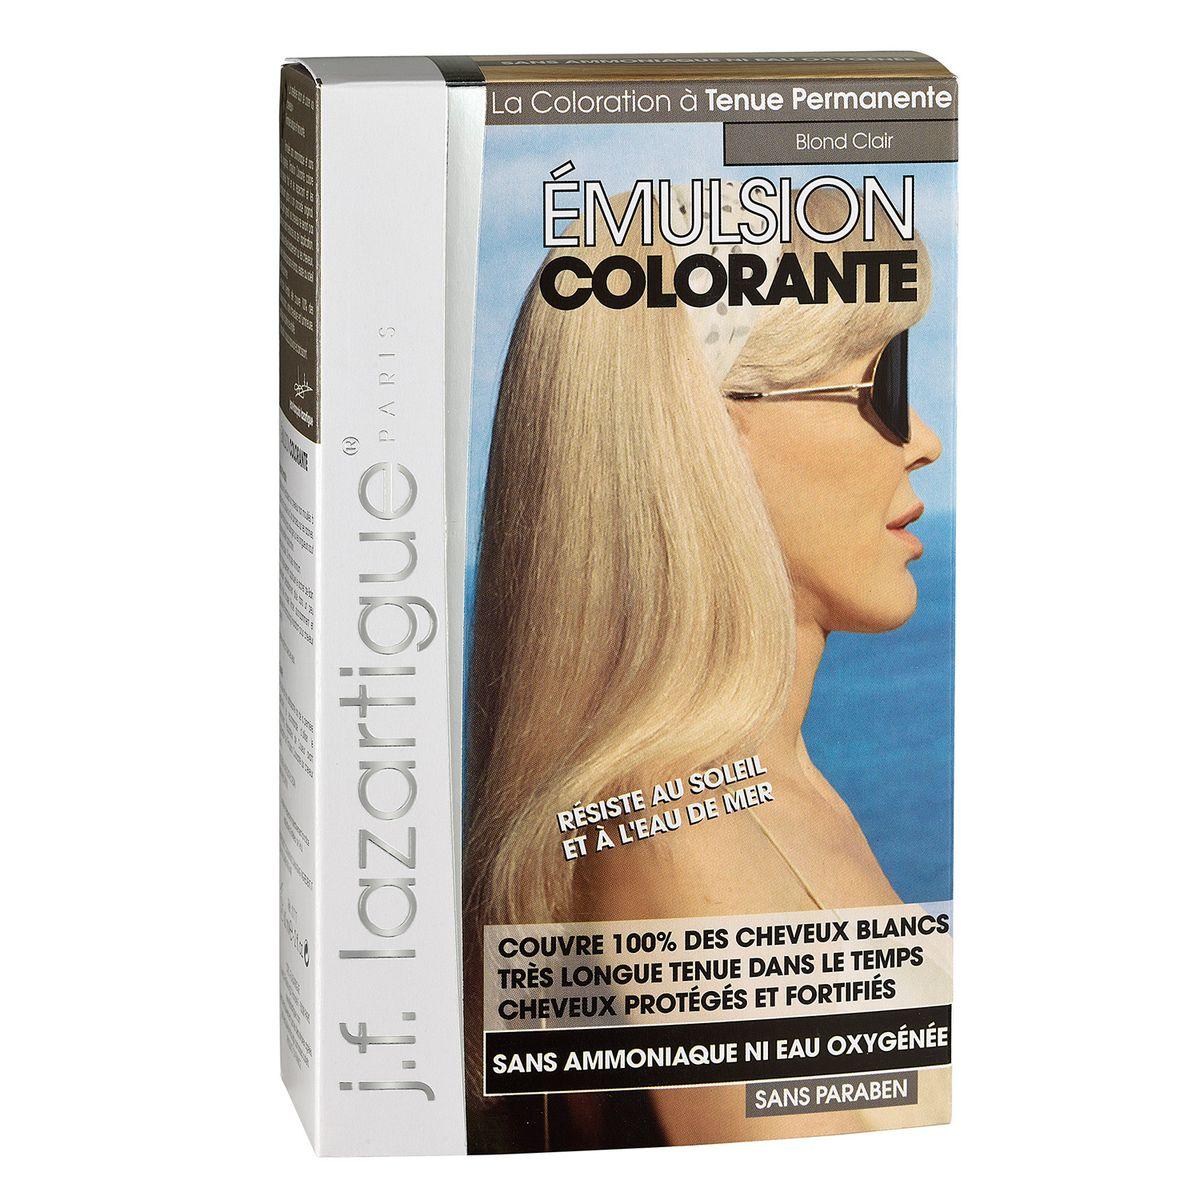 J.F.Lazartigue Оттеночная эмульсия для волос Светлый блондин 60 млMP59.4DБлагодаря оригинальной формуле полностью (на 100%) скрывает седину, длительное время сохраняет цвет, поддерживает здоровье и жизненную силу волос и сохраняет эти качества, несмотря на воздействие солнечных лучей, морской воды и прочих неблагоприятных экологических факторов. Не осветляет, не повреждает, а укрепляет волосы. Не содержит аммиака, перекиси водорода и парабенов. Не предназначена для окрашивания бровей и ресниц.